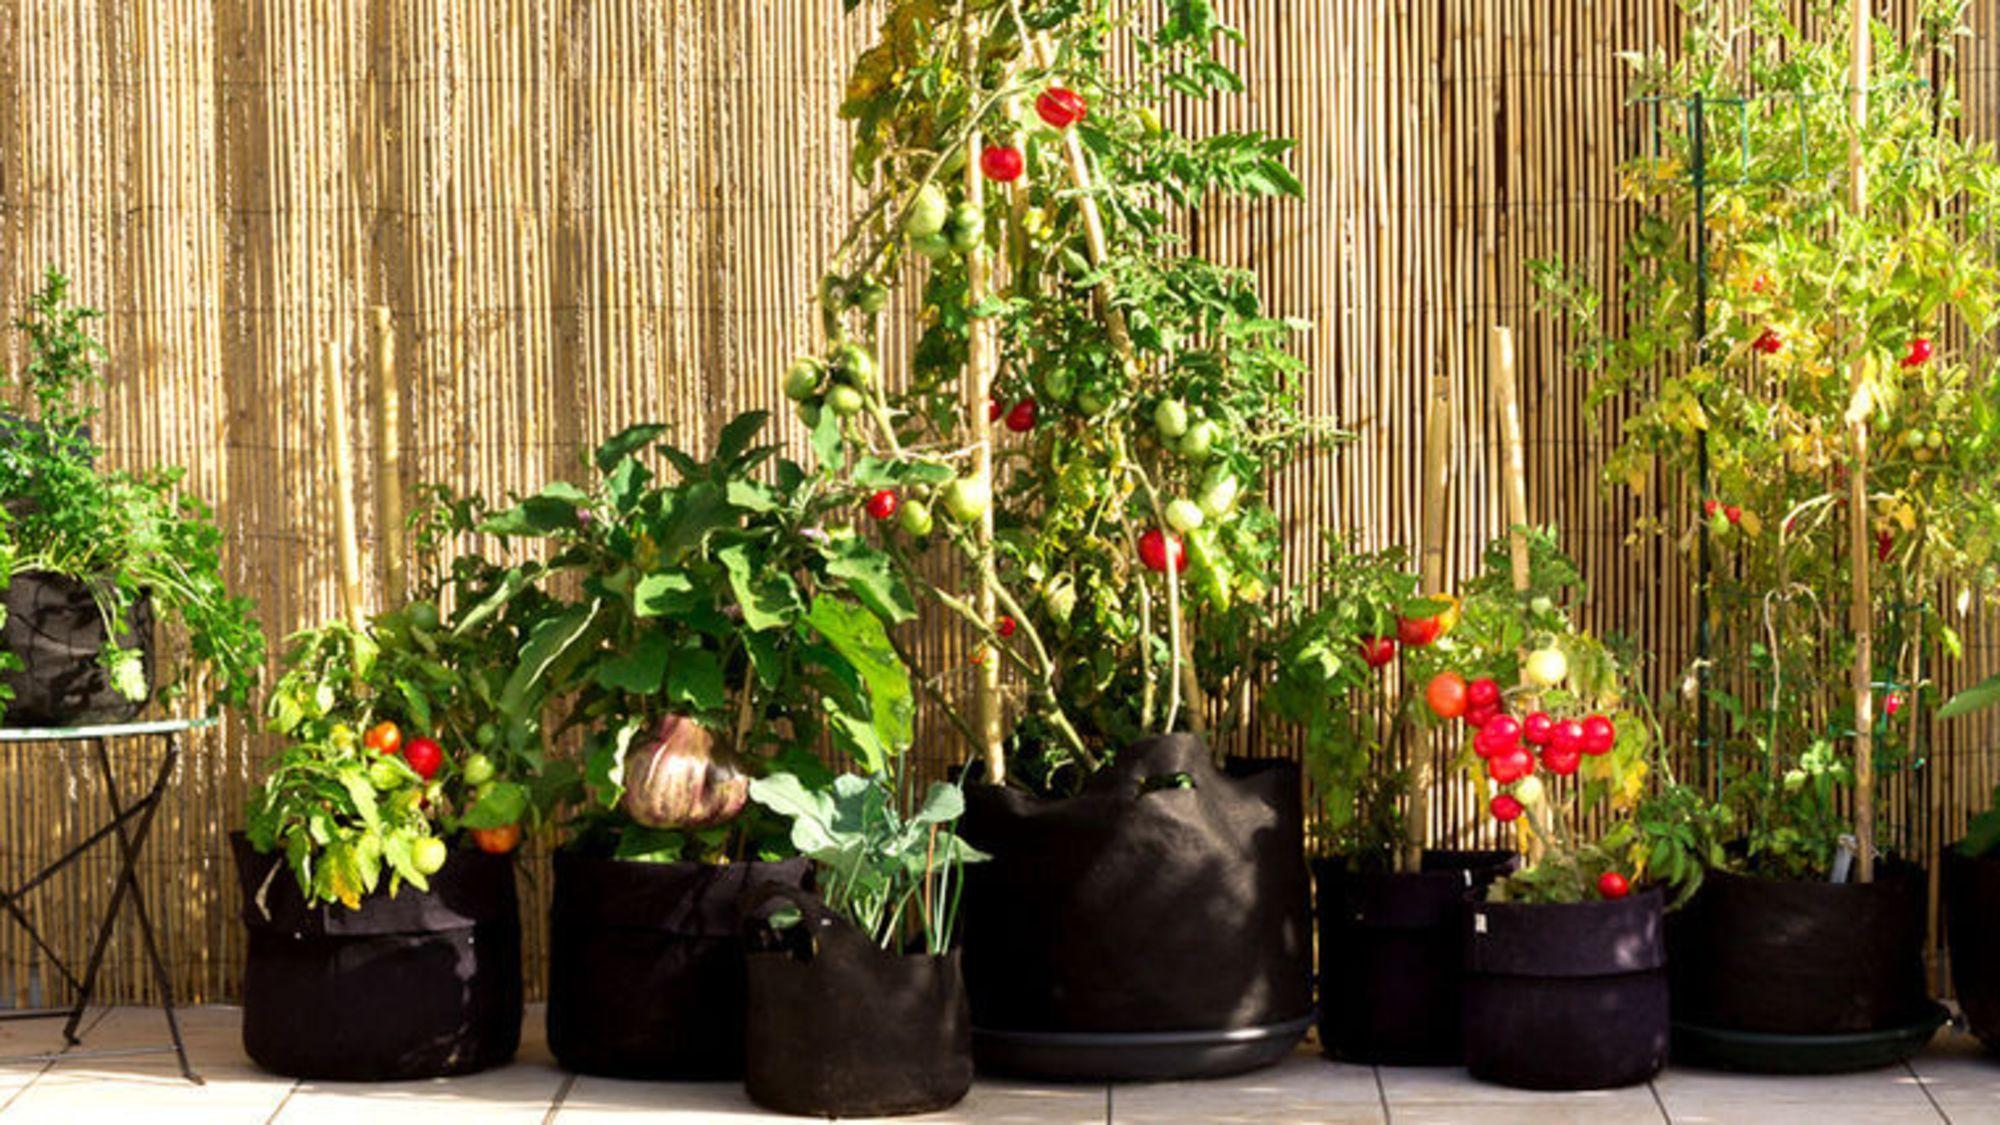 Faire Un Potager Sur Son Balcon : Les Conseils D'un Pro Et ... concernant Faire Un Jardin Sur Son Balcon